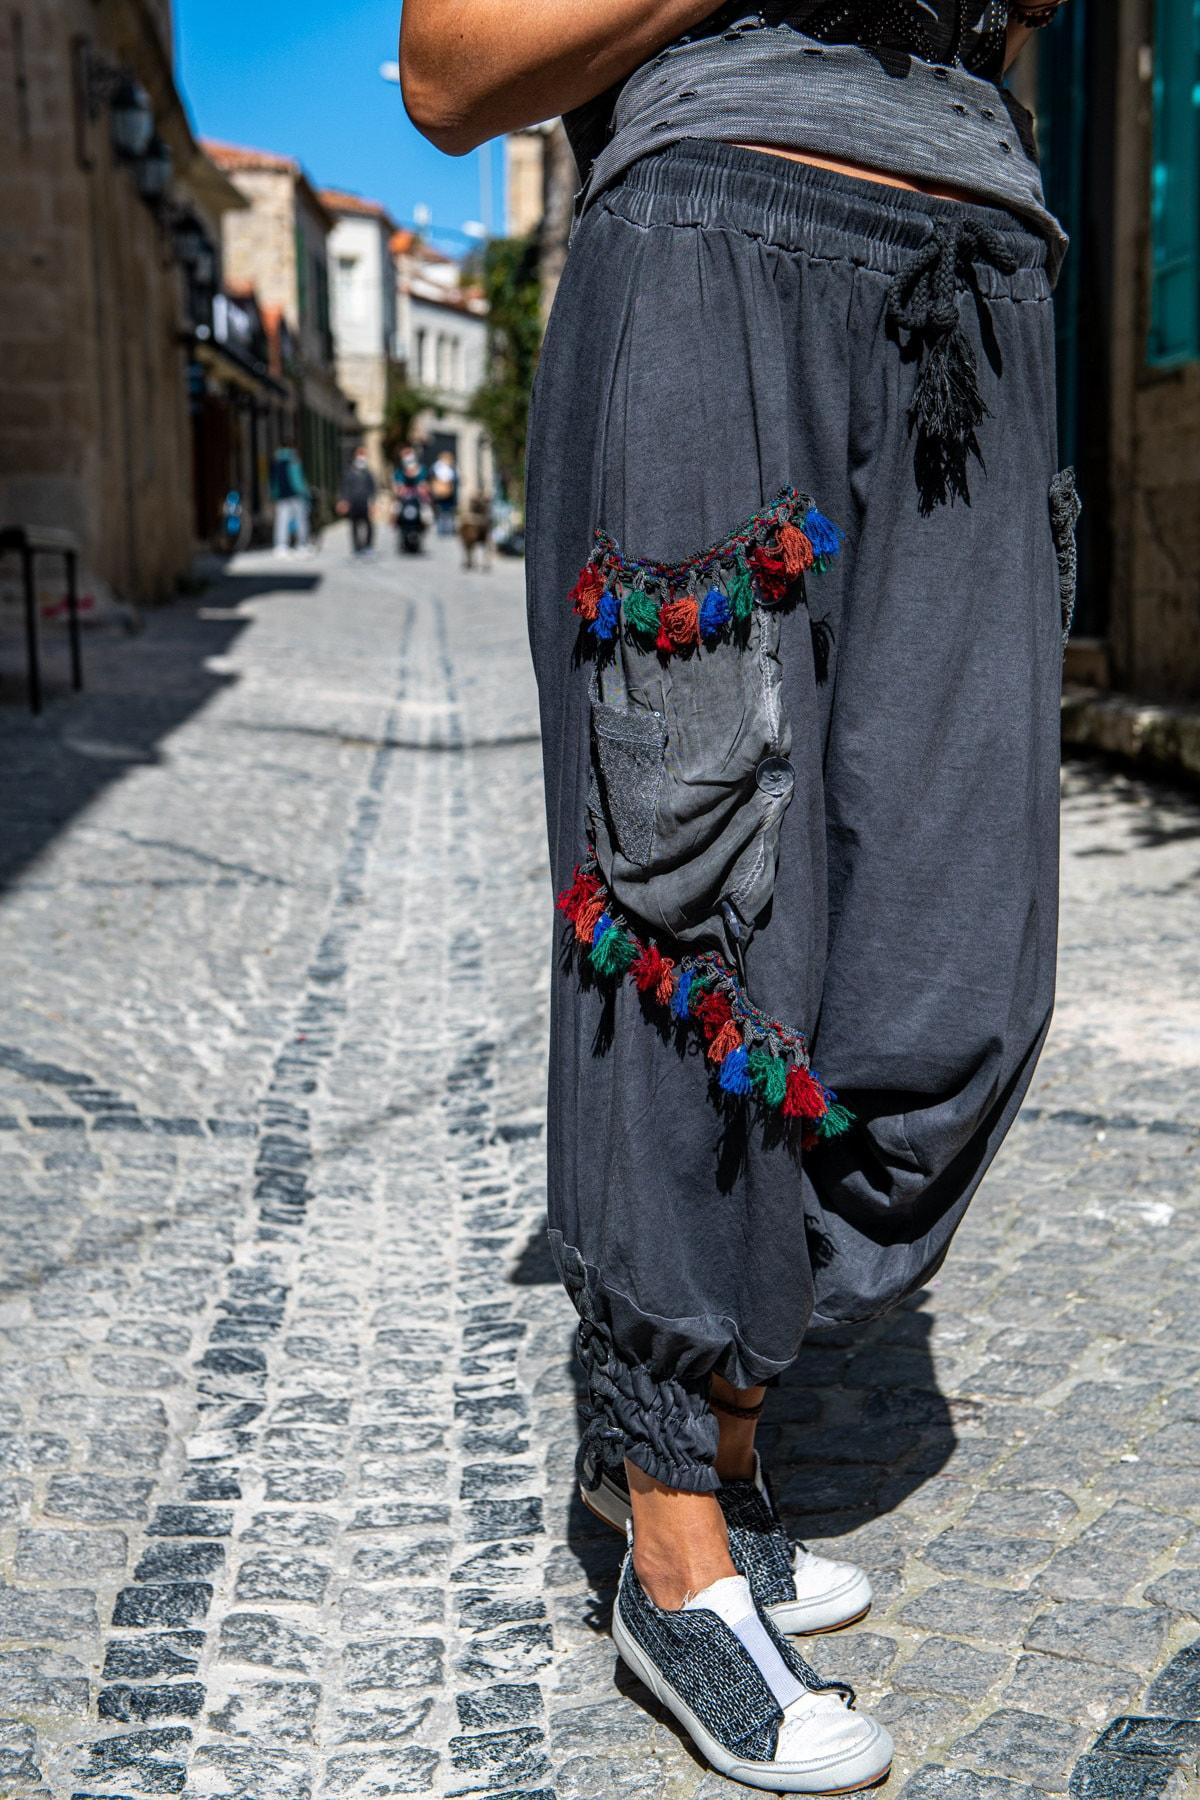 Güneşkızı Kadın Antrasit Yıkamalı Paçası Bağlamalı Püsküllü Salaş Şalvar Pantolon GK-RSD2032 1